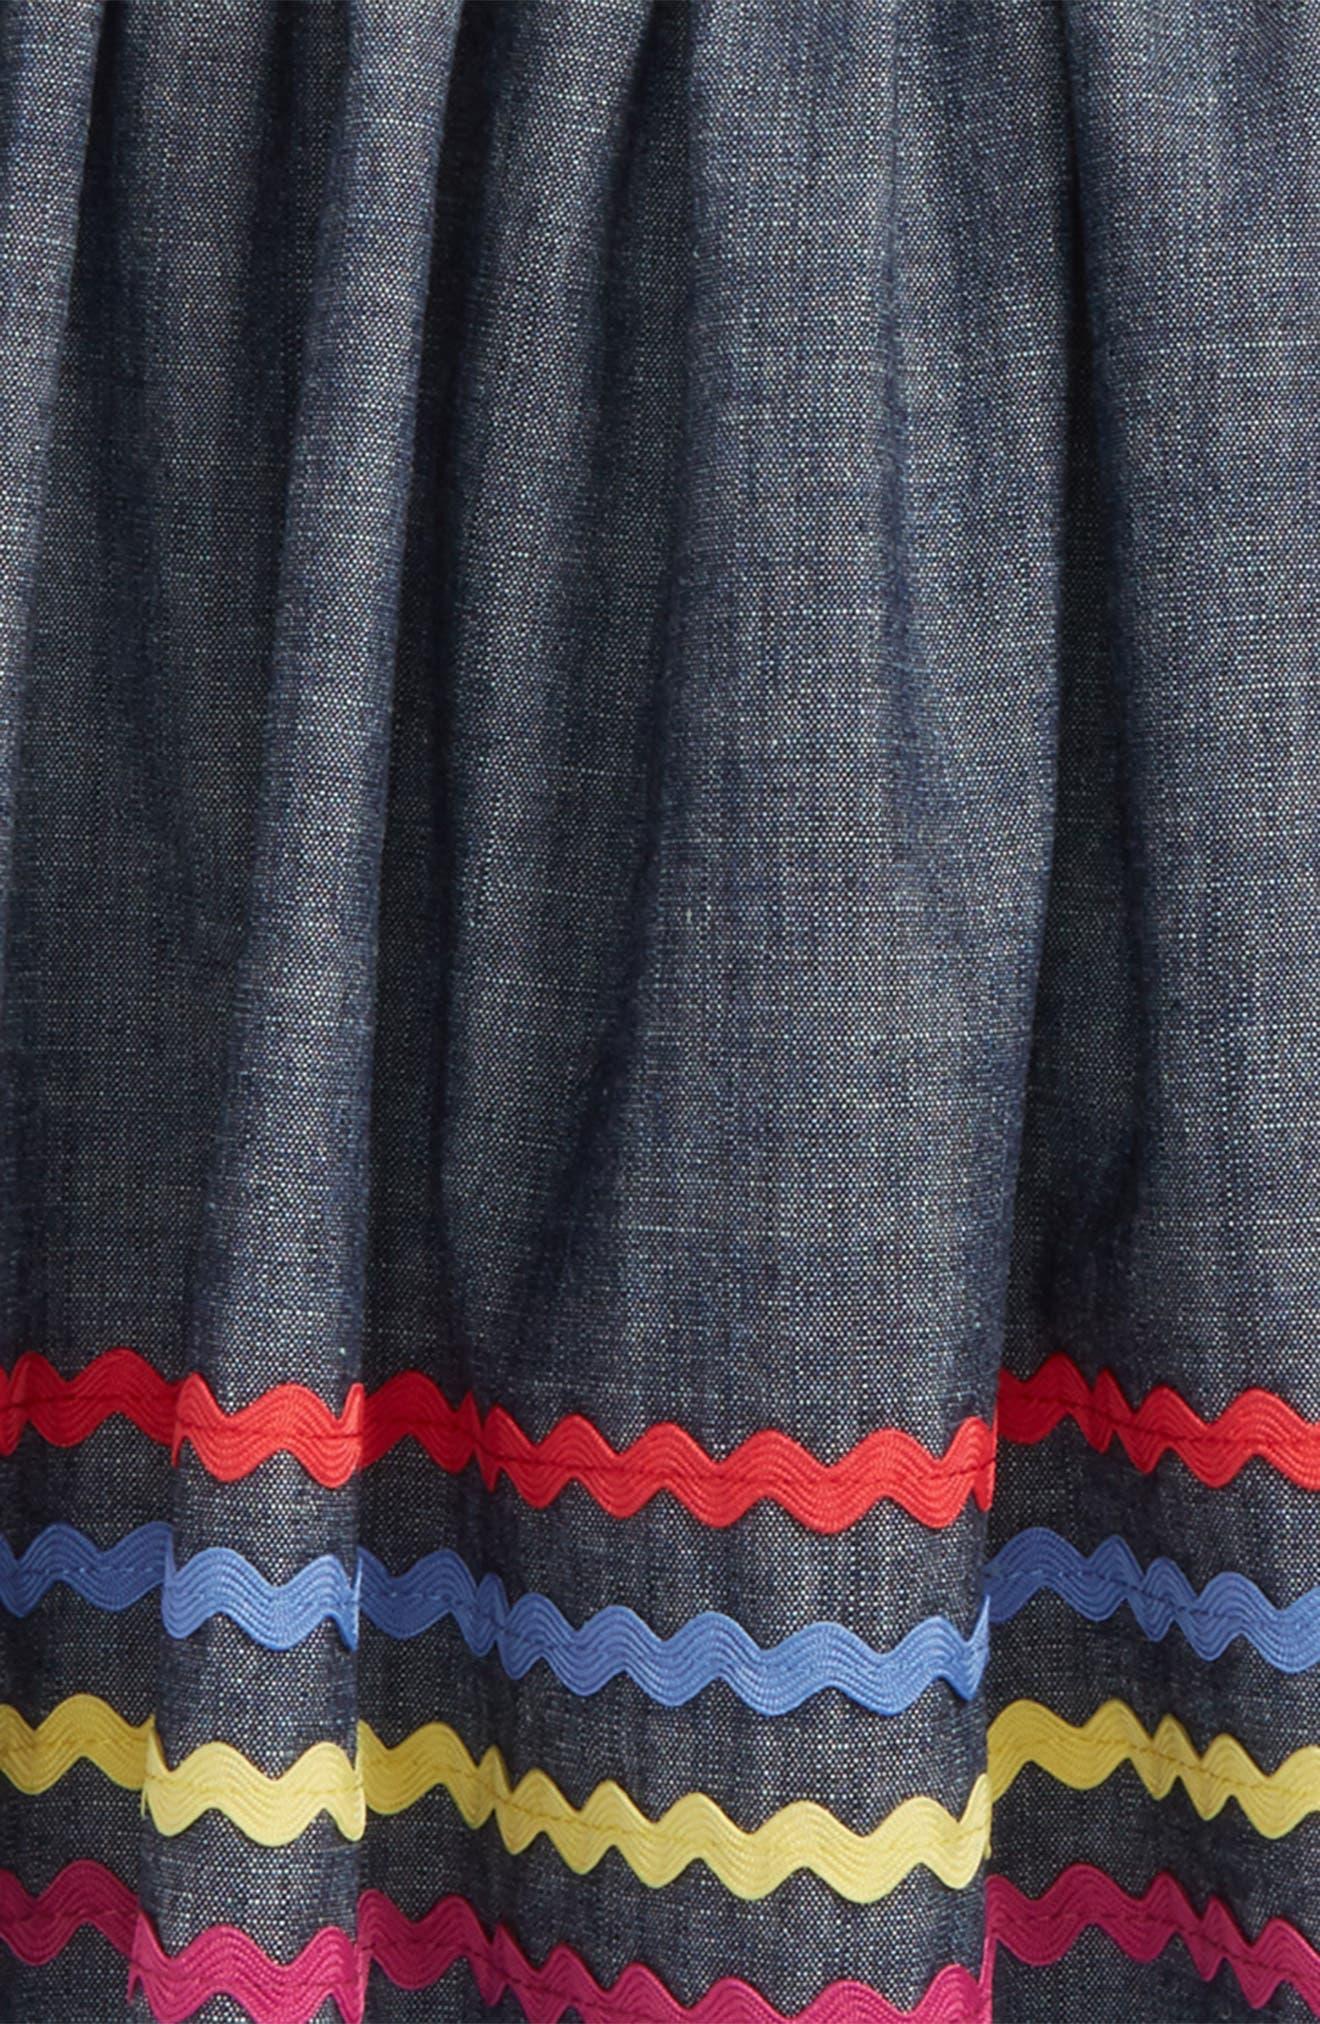 Rickrack Twirl Skirt,                             Alternate thumbnail 2, color,                             Blue Chambray